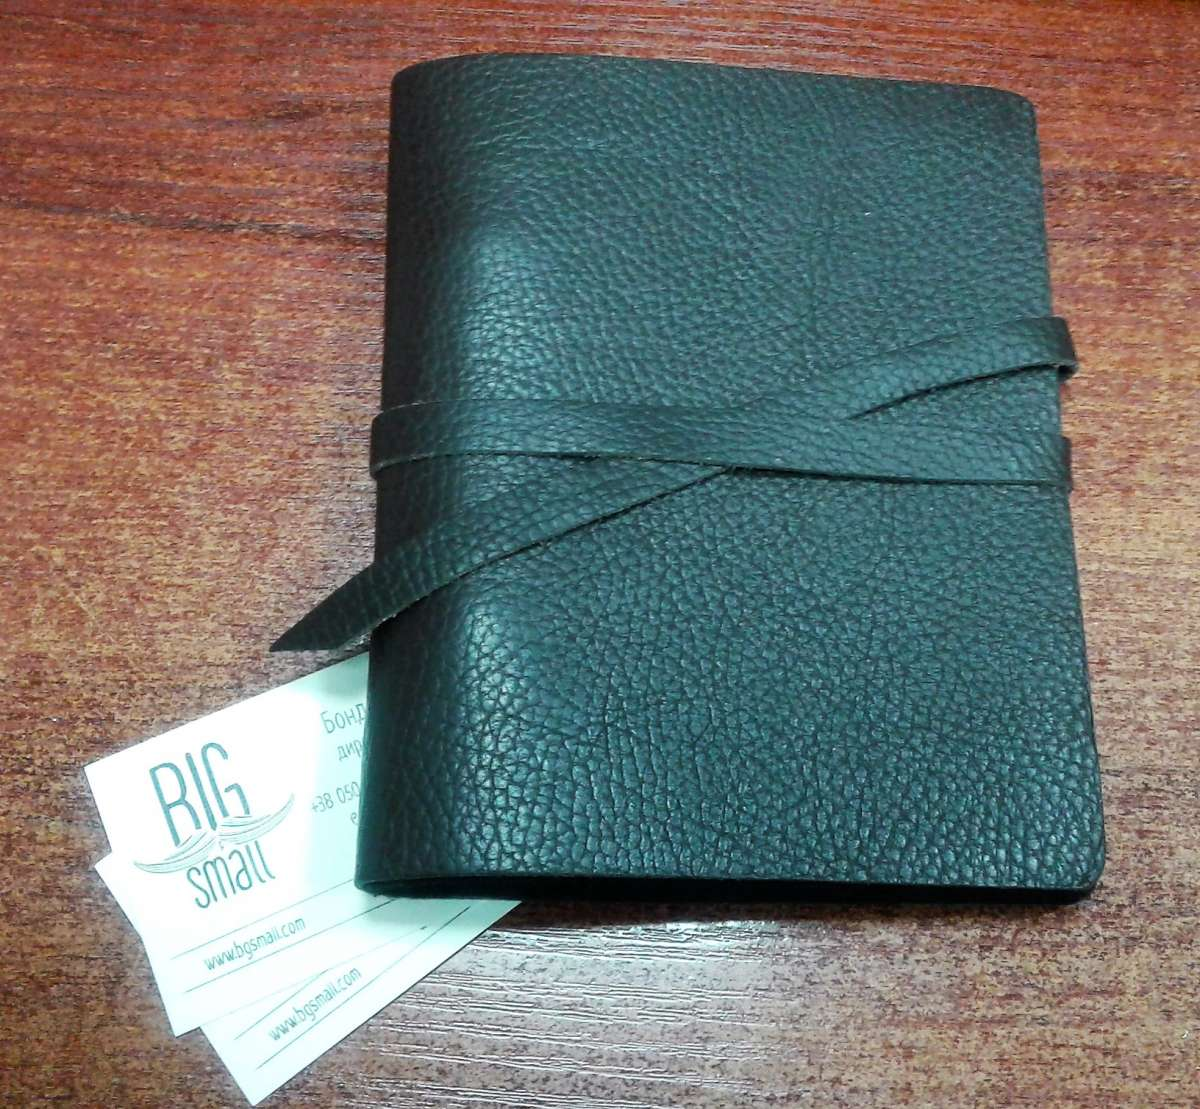 Деловые подарки: деловые папки, ежедневники, календари, блокноты